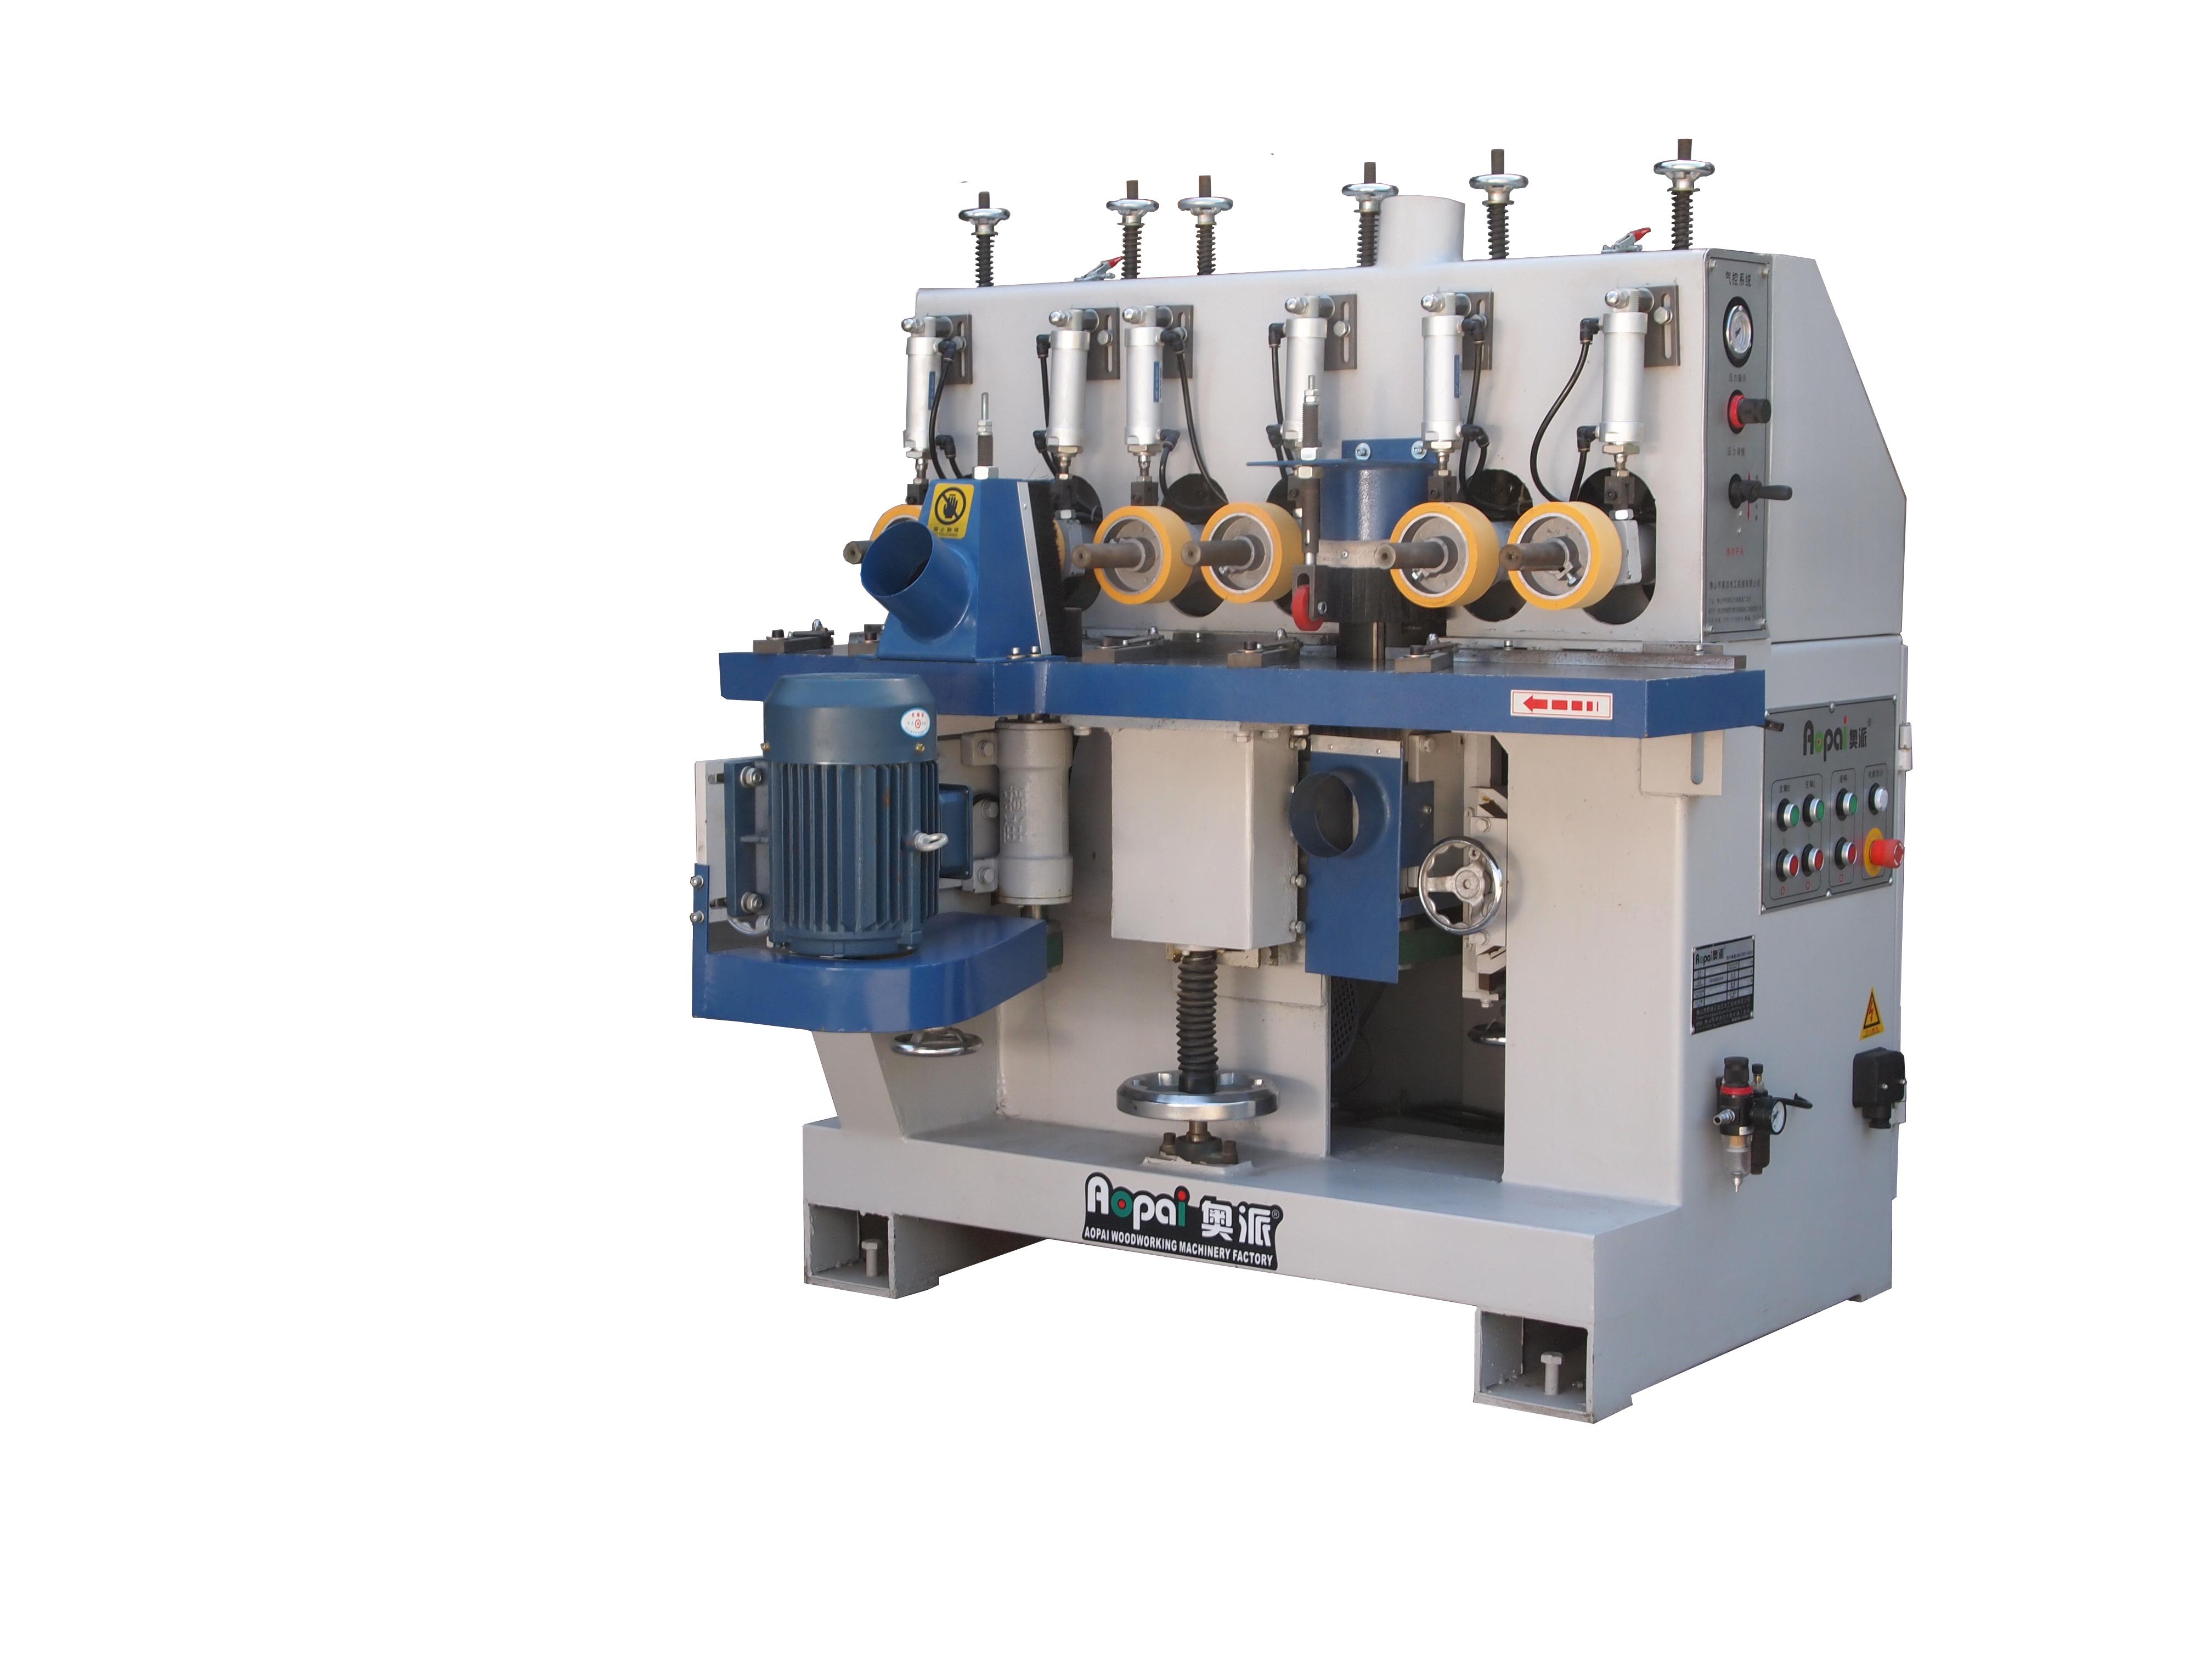 奥派 铣床和进料机台合二为一 双边铣(3549) 木工机械设备生产产家-砂光机价格